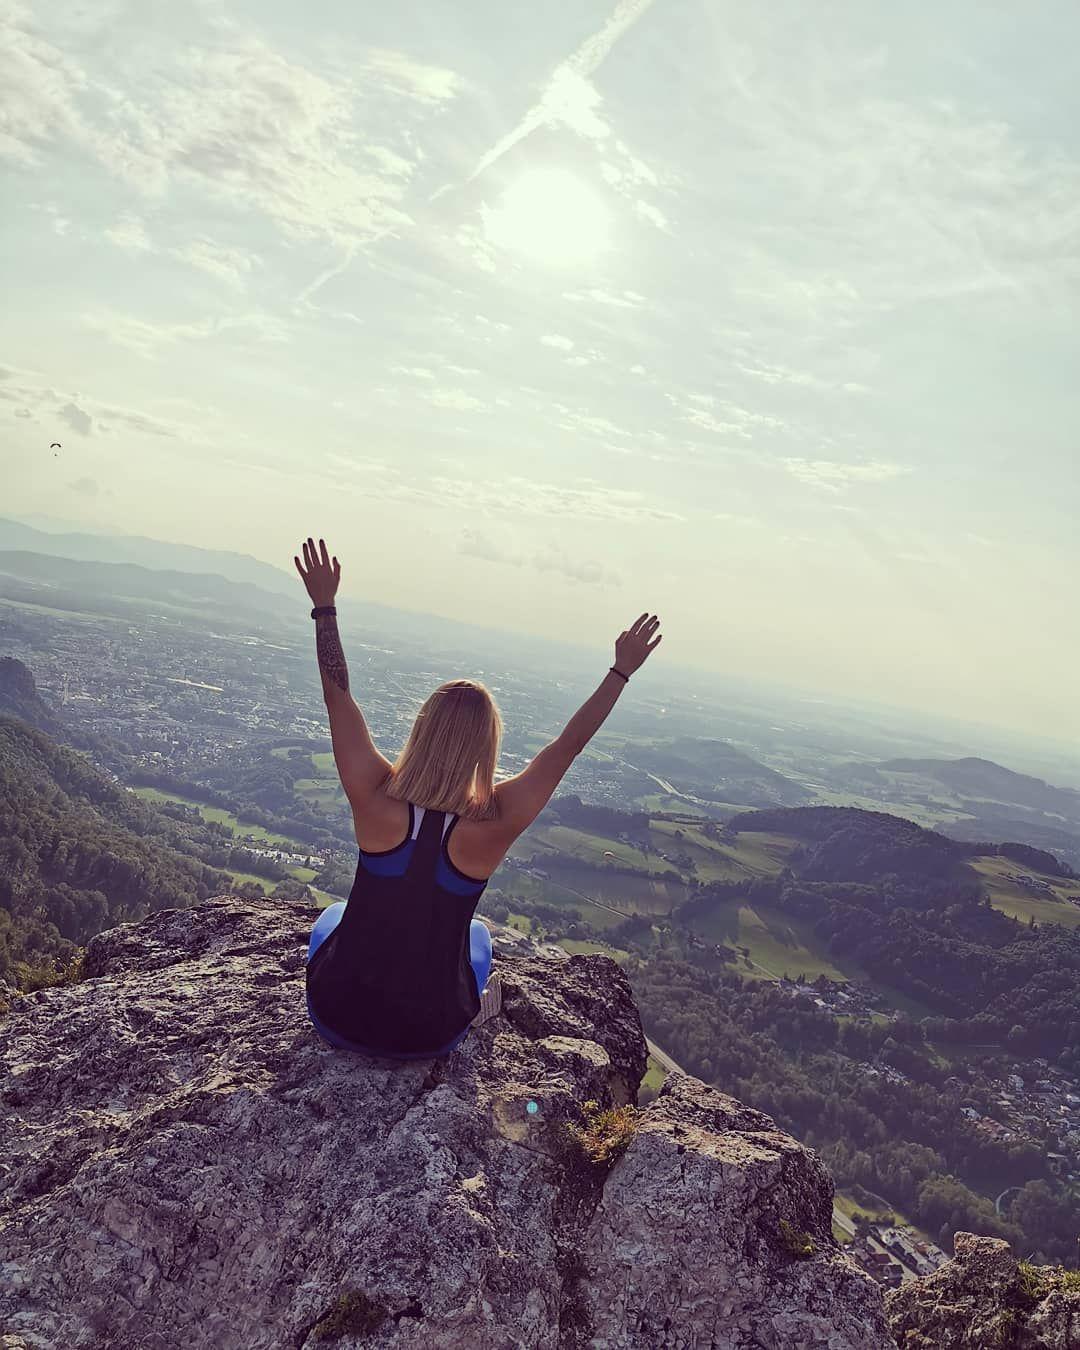 Ziele Nach Dem Mond Selbst Wenn Du Ihn Verfehlst Wirst Du Zwischen Den Sternen Landen Fitness Fitnessmotivation Fit Gir Workout Plan Workout How To Plan